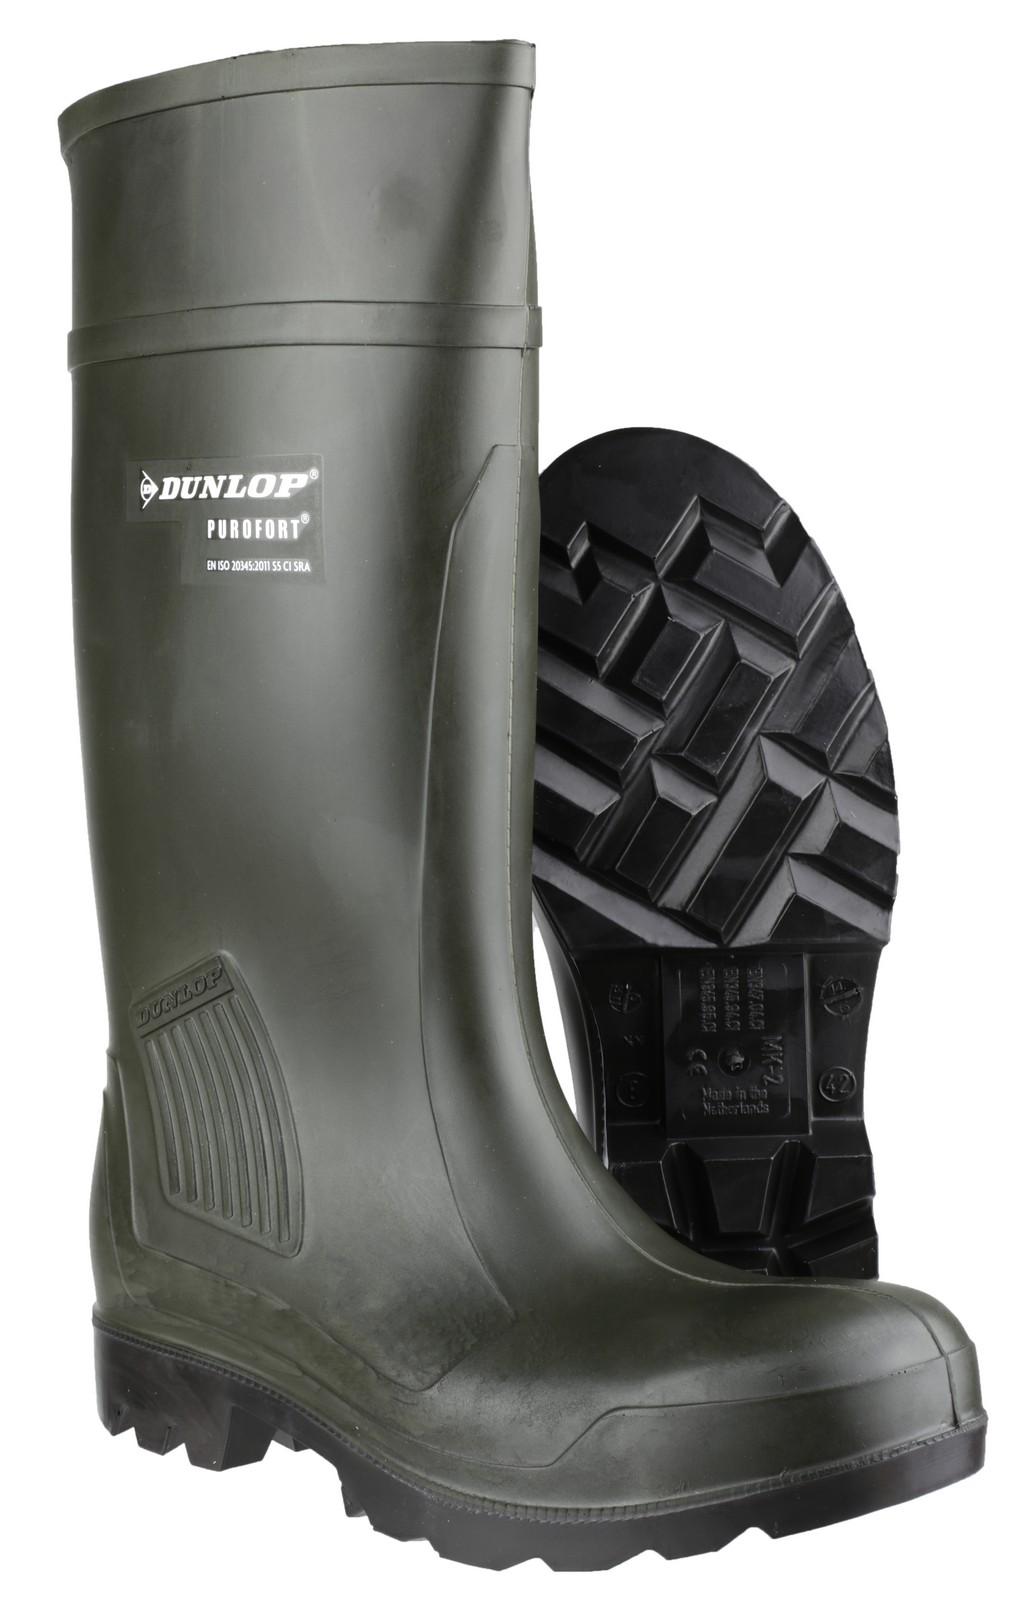 Dunlop Purofort Pro C462933 Wellington